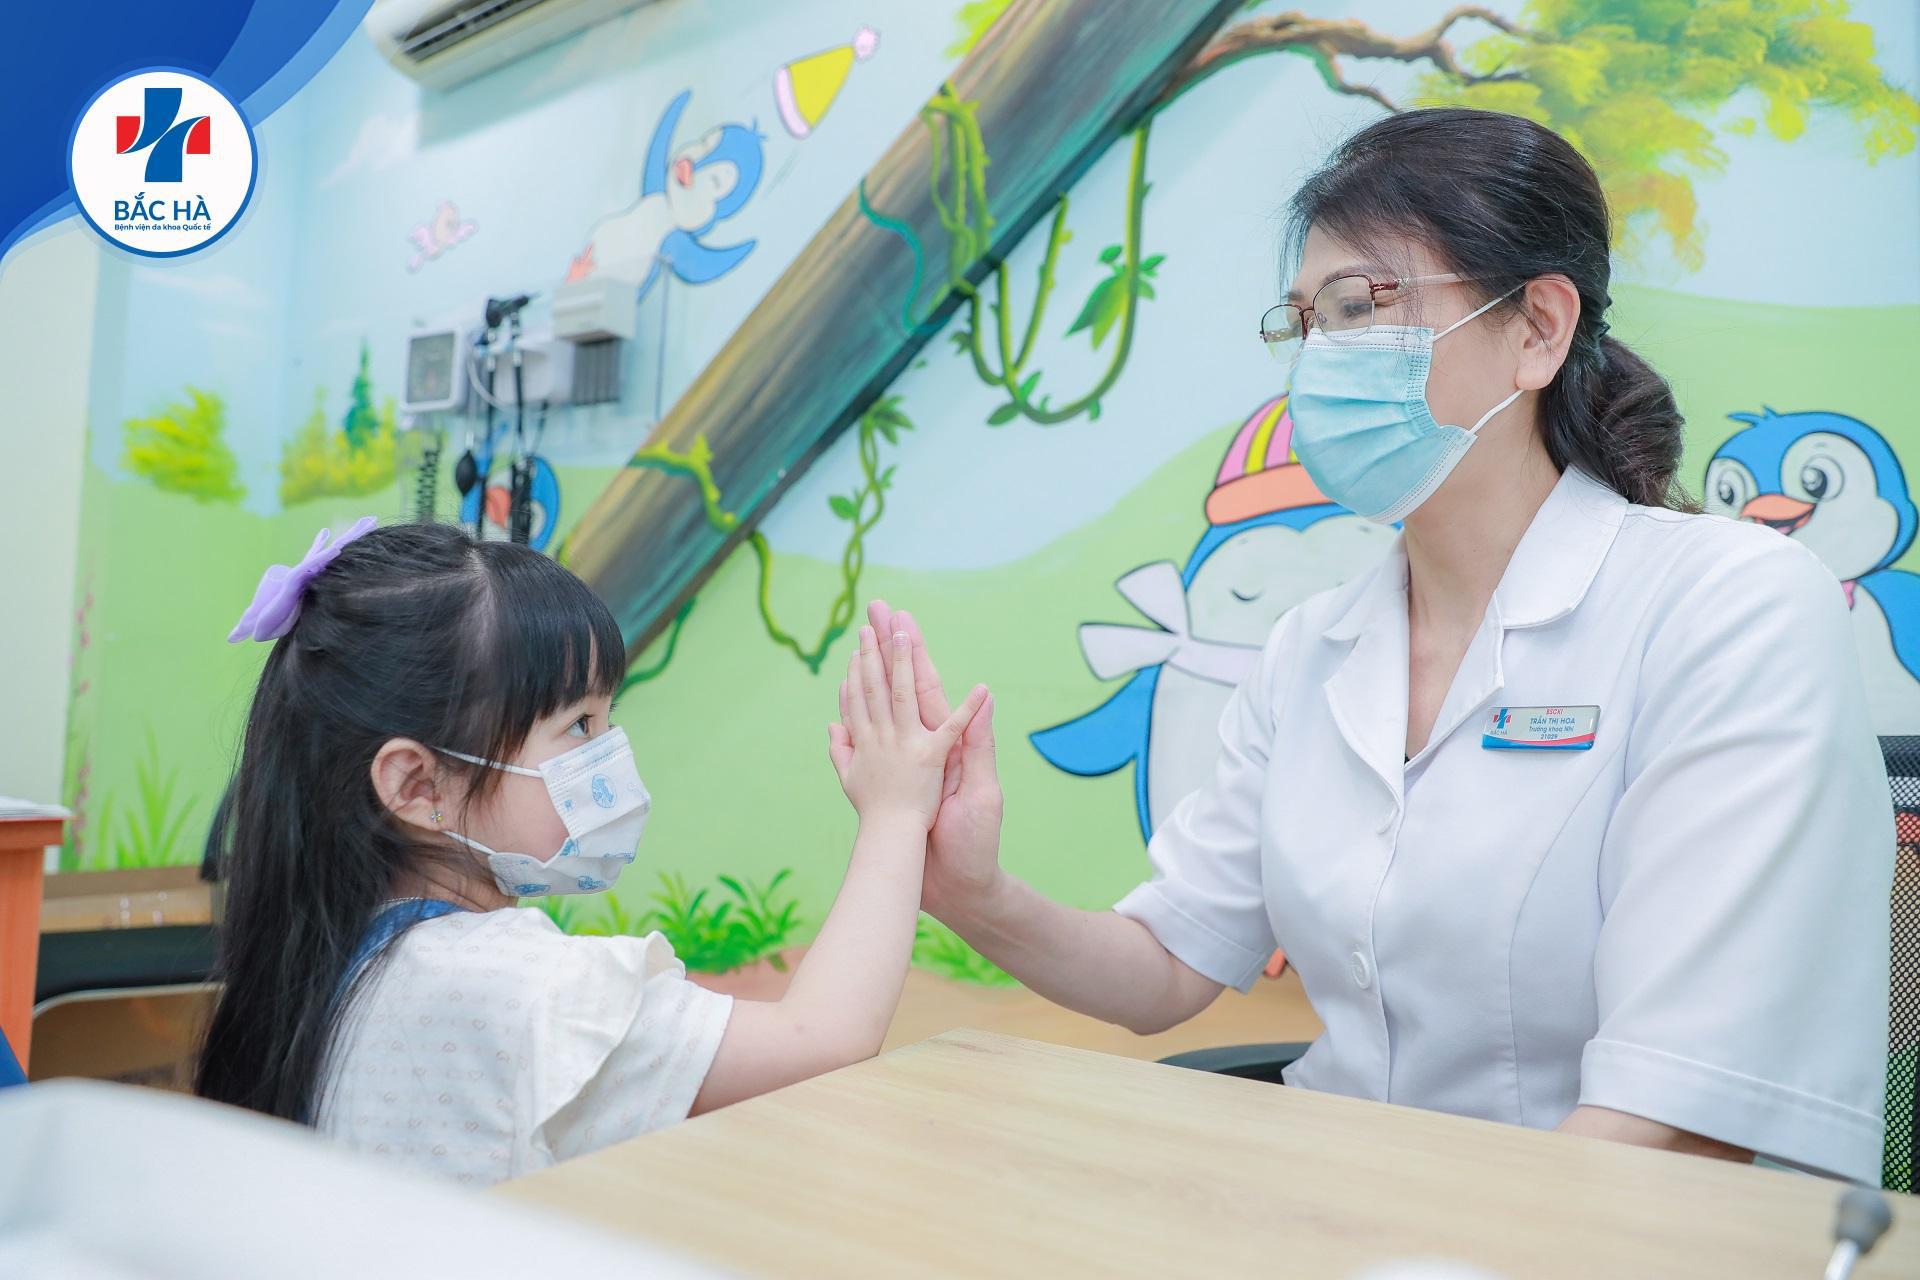 Khoa nhi bệnh viện Quốc tế Bắc Hà: Chăm bé tận tâm - ươm mầm sức khỏe - Ảnh 2.